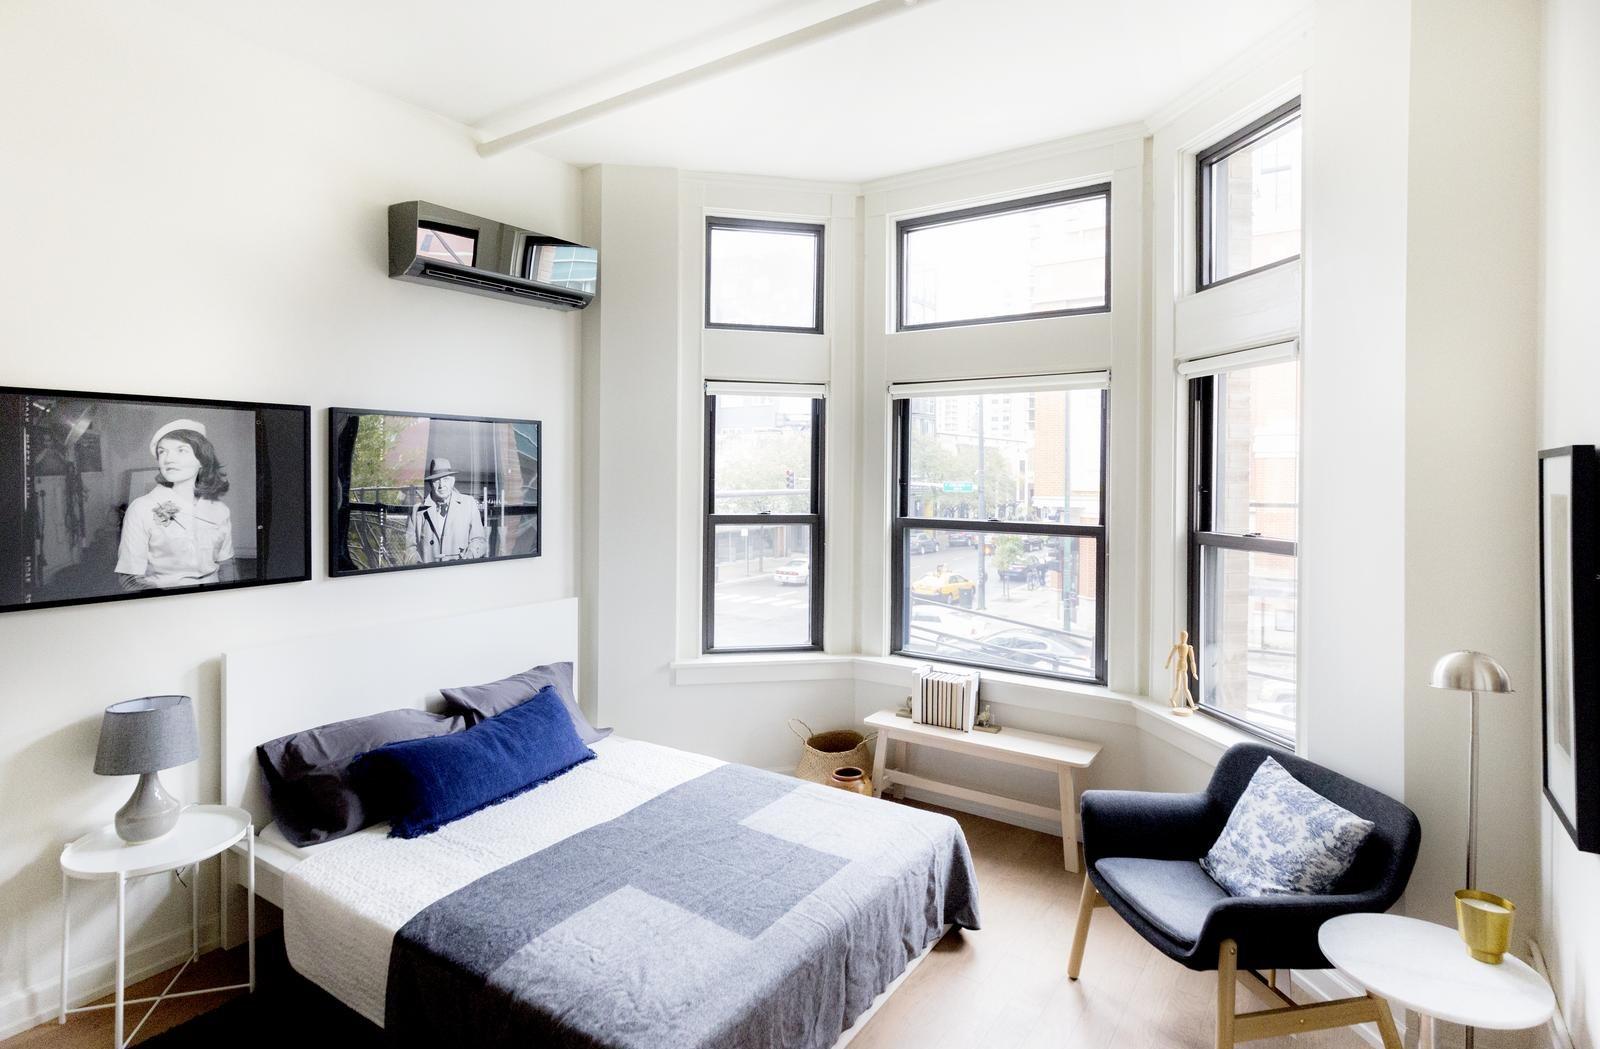 Bush-Temple-Apartments-in-River-North-Studio-model-apartment-108-w-chicago